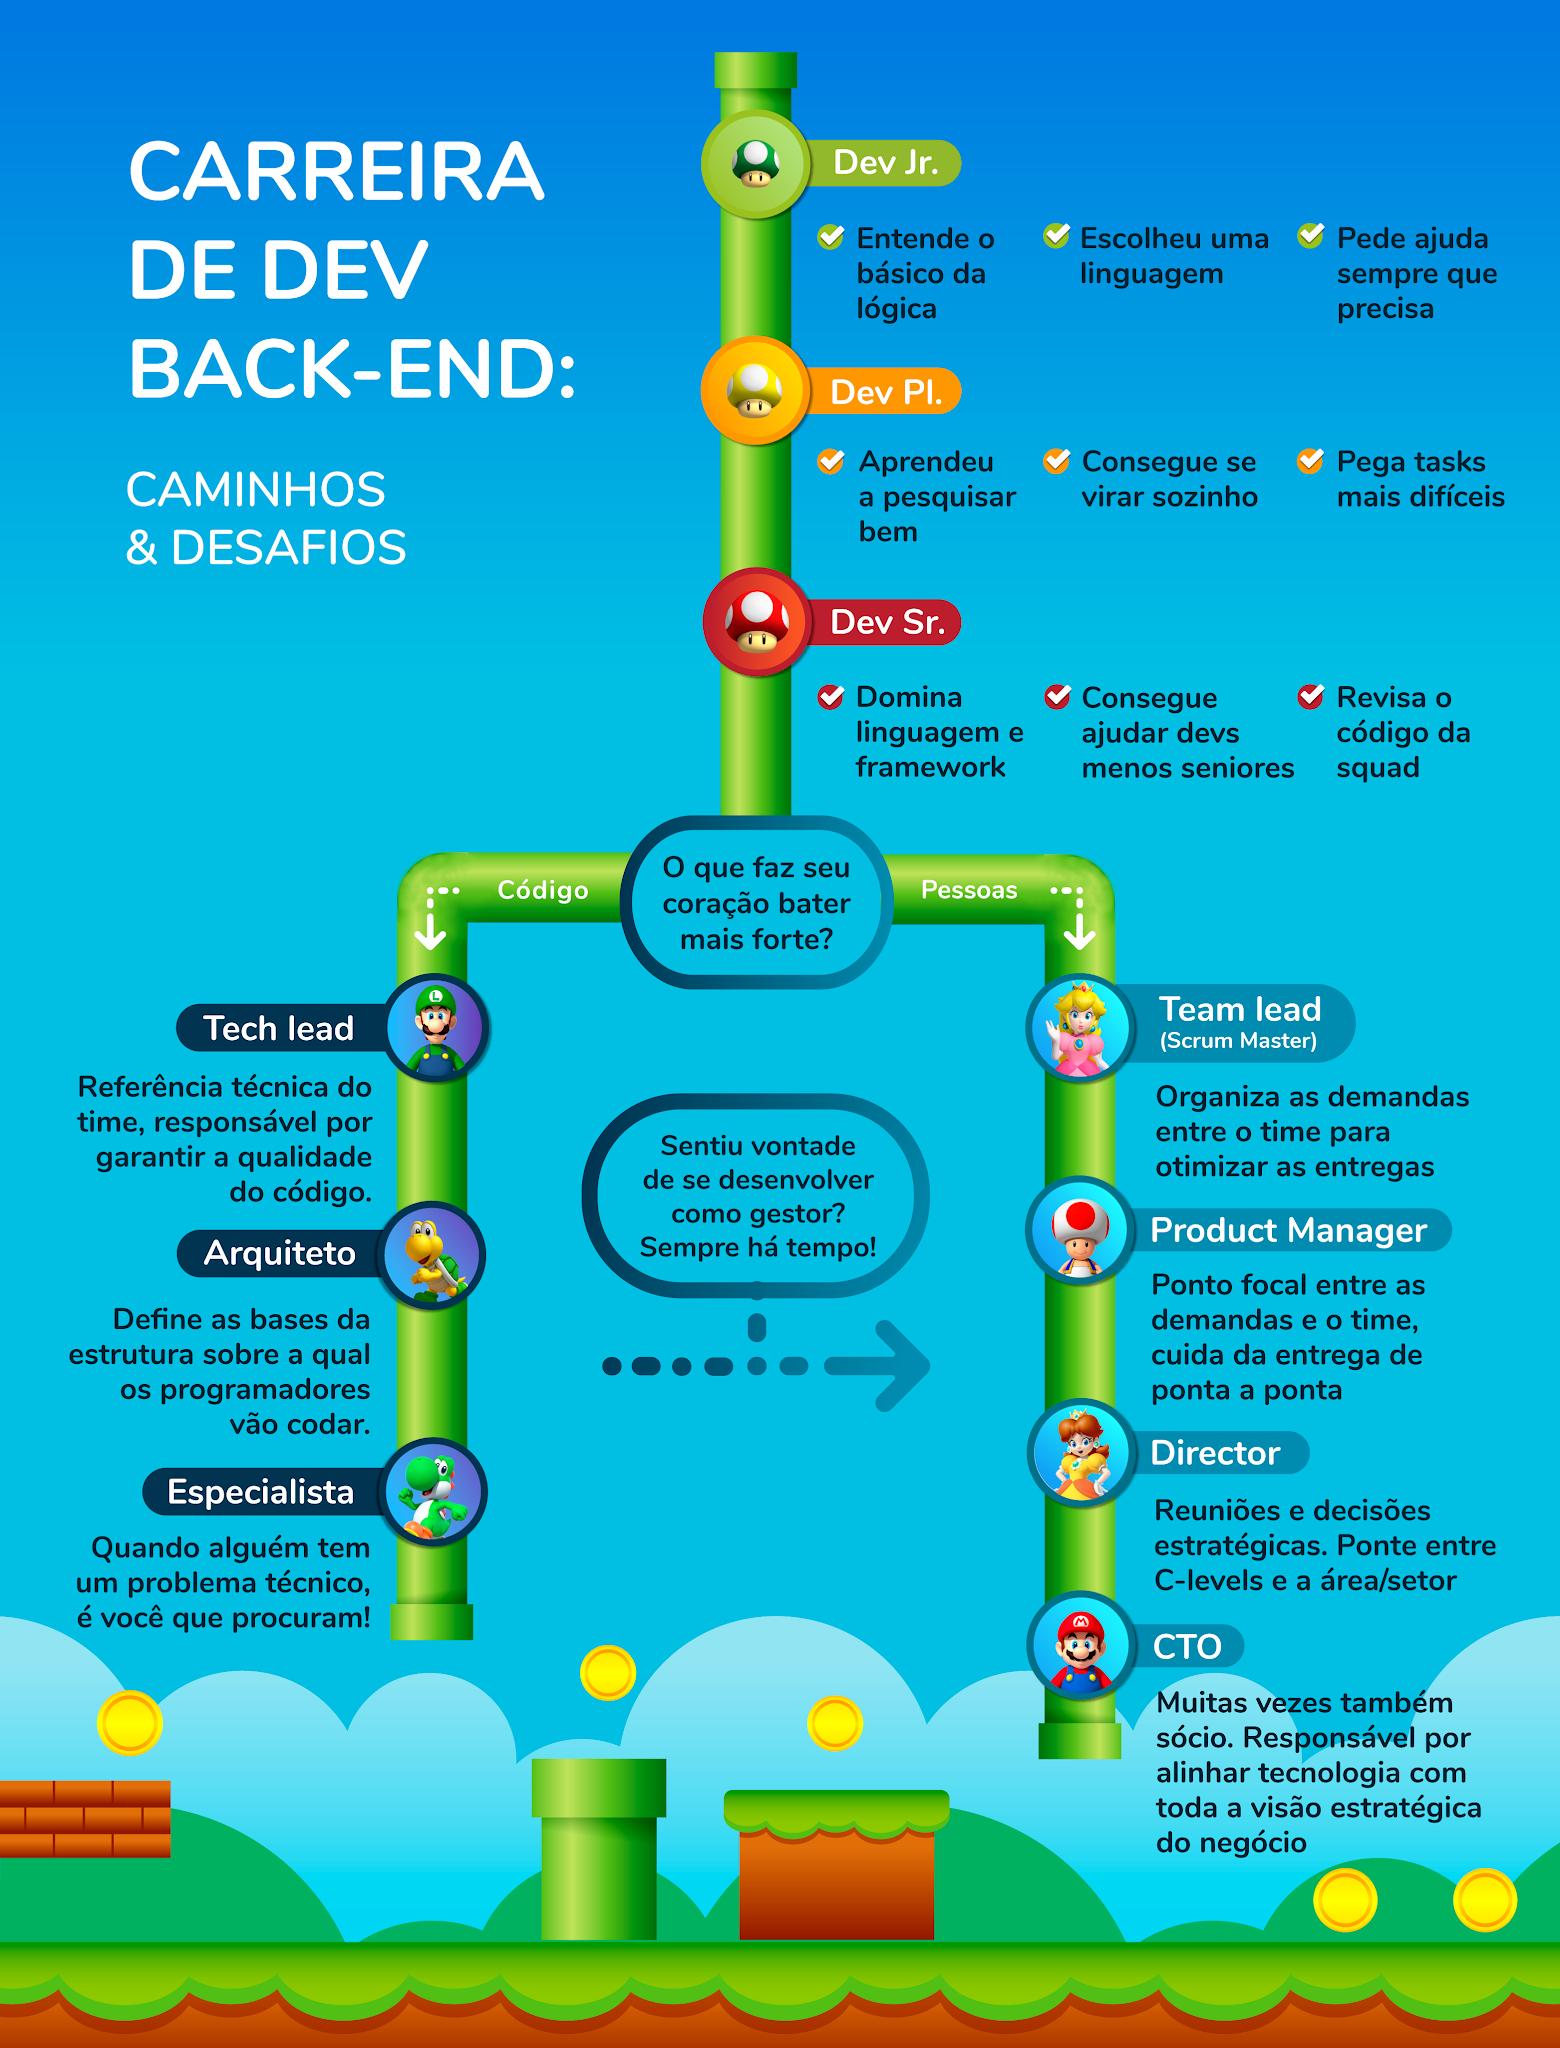 infográfico com carreira de desenvolvedor back-end